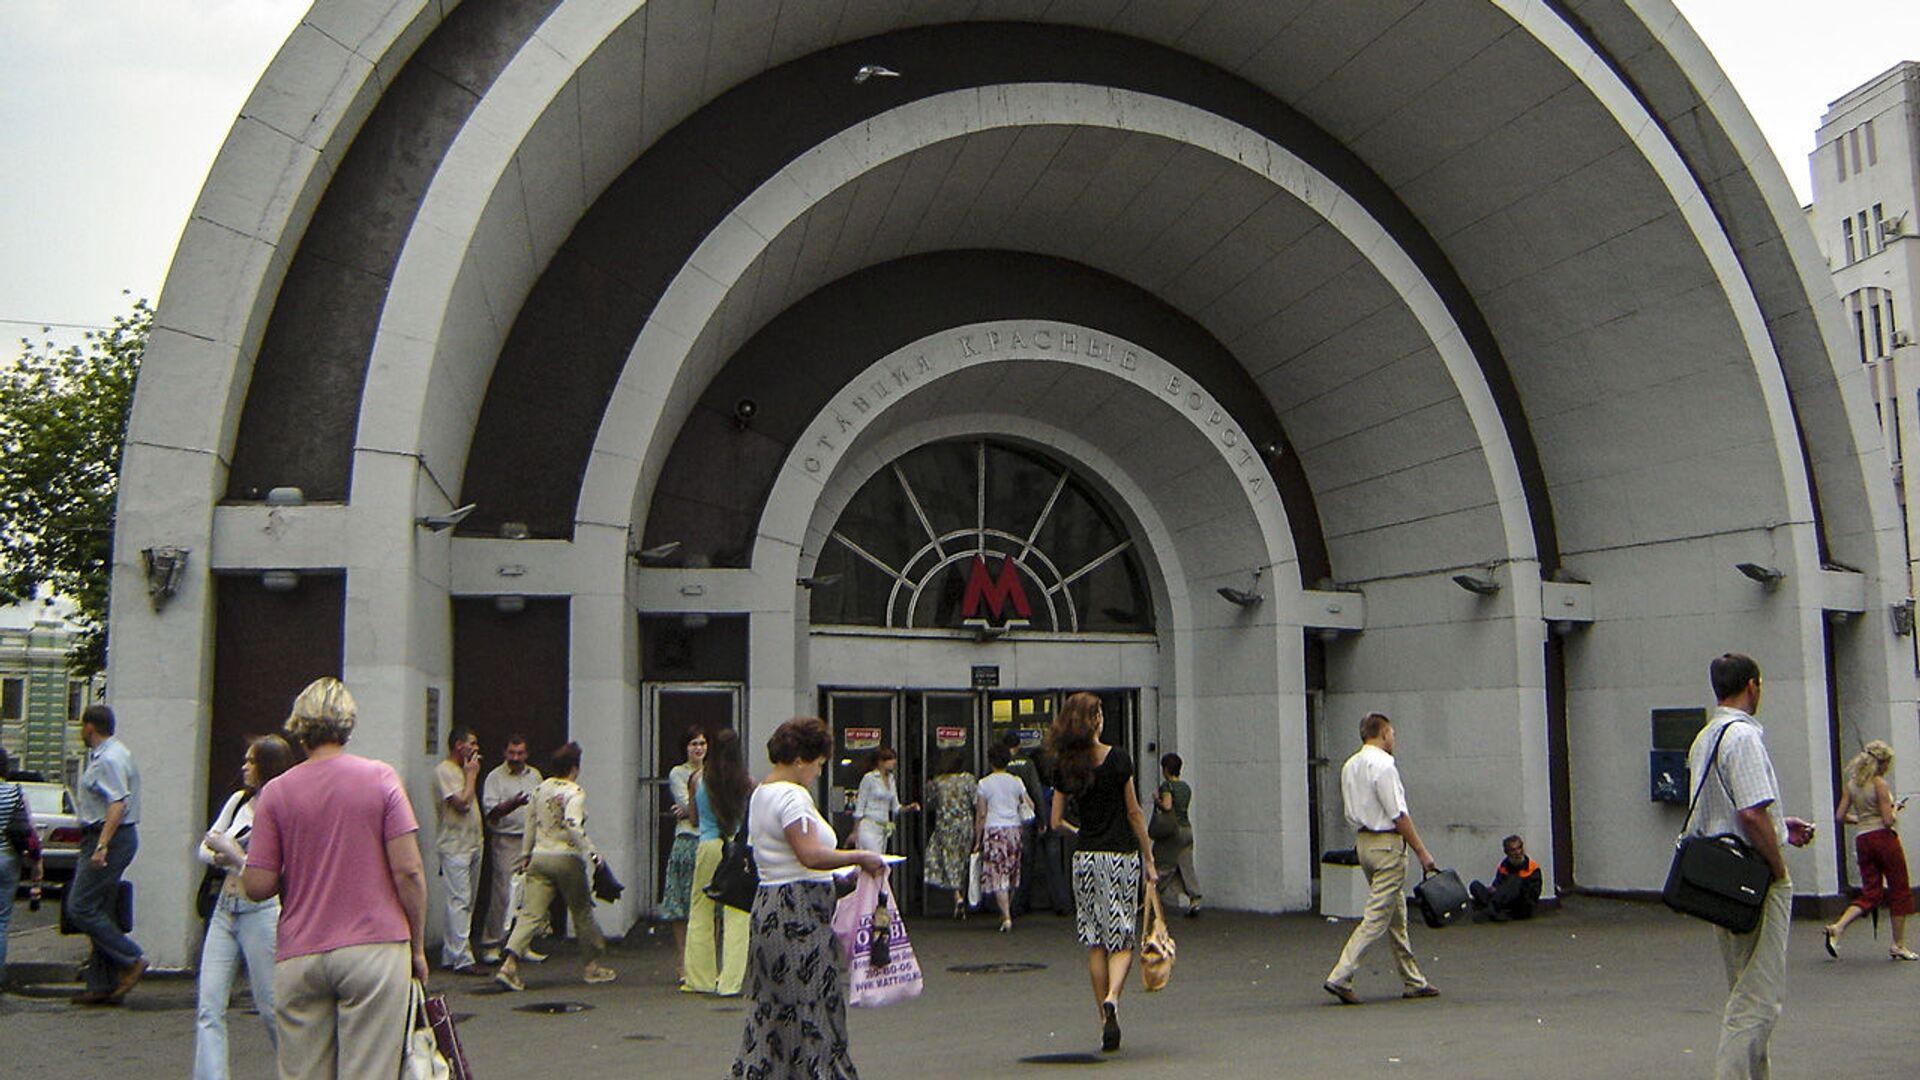 La stazione di Krasnye Vorota della metro di Mosca. - Sputnik Italia, 1920, 29.05.2021